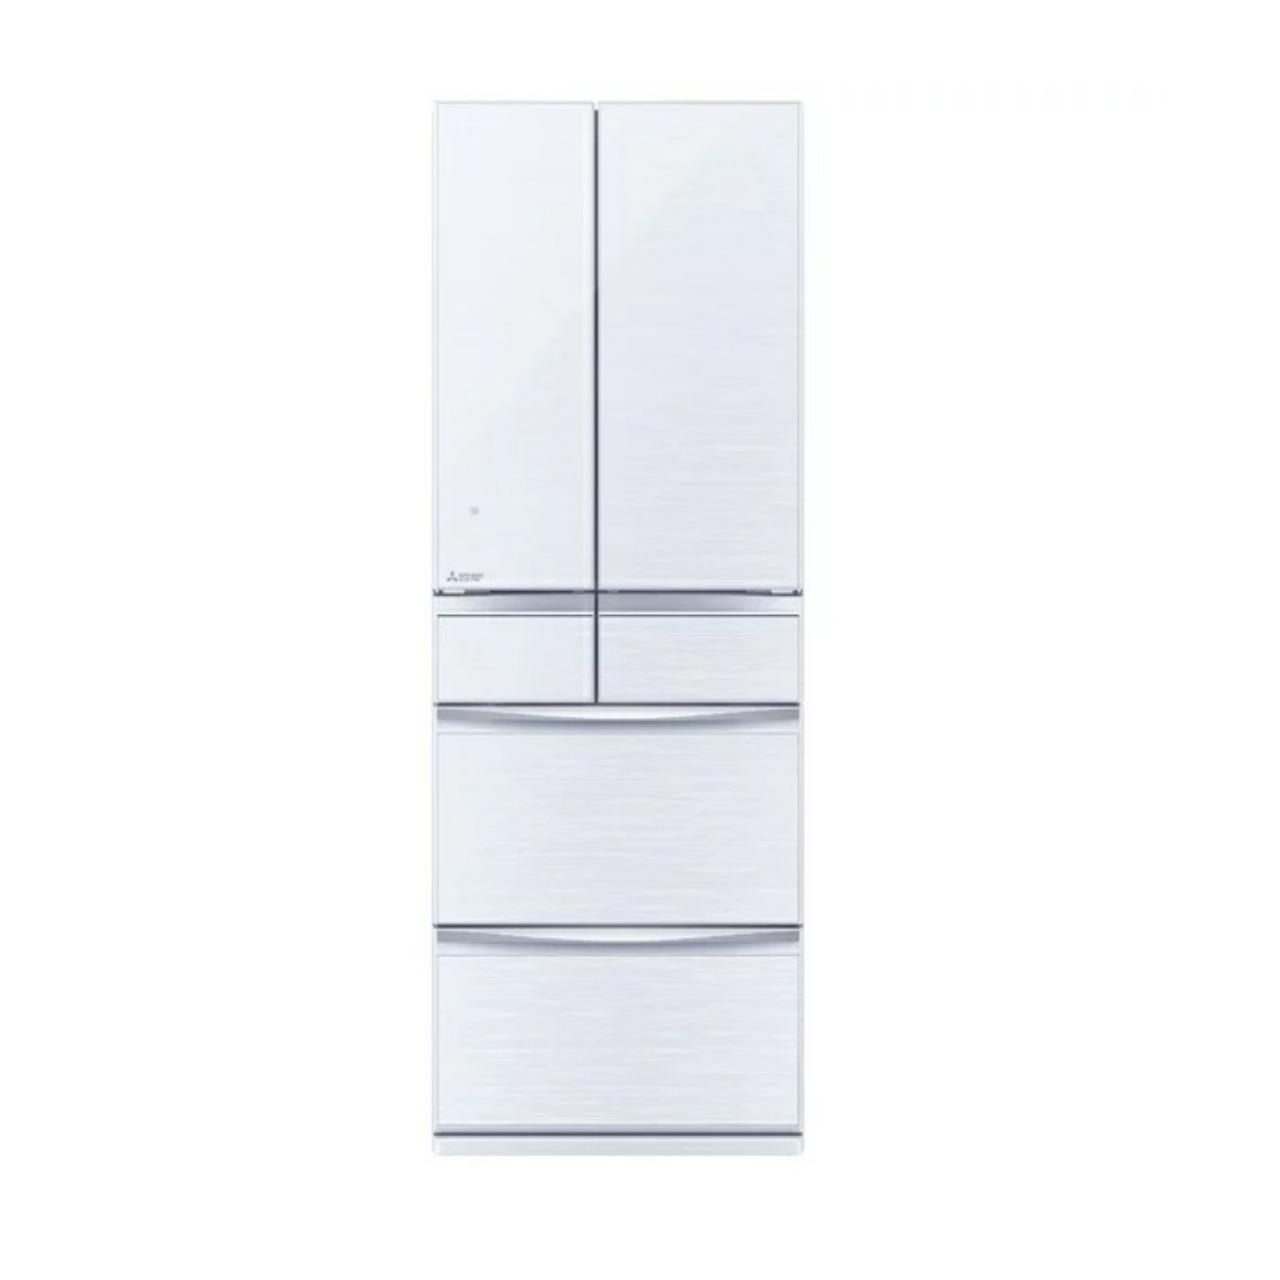 三菱 置けるスマート大容量MXシリーズMR-MX50E冷蔵庫